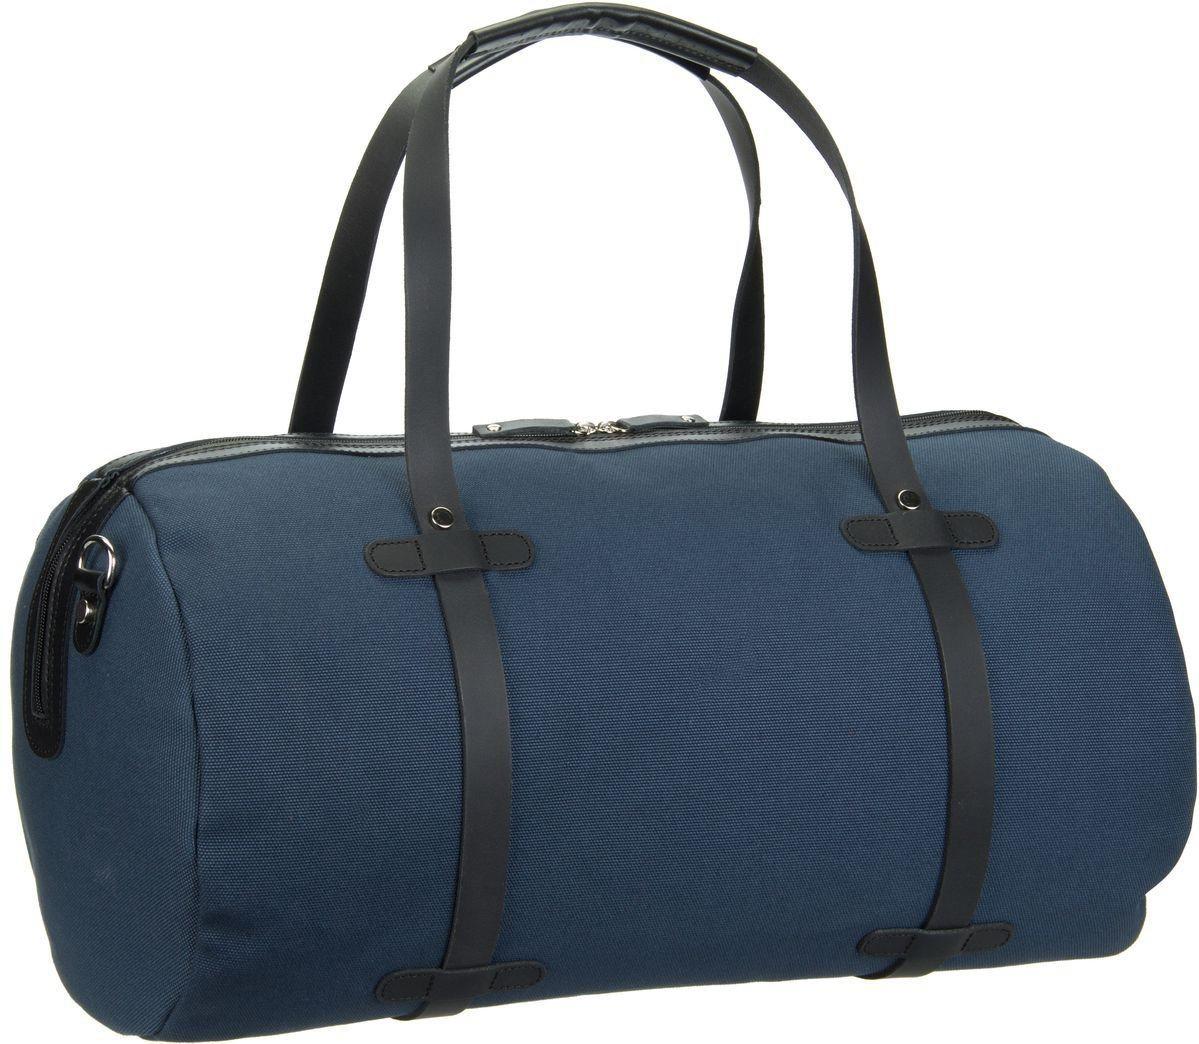 Jost Reisetasche »Lund 2371 Reisetasche« - Preisvergleich